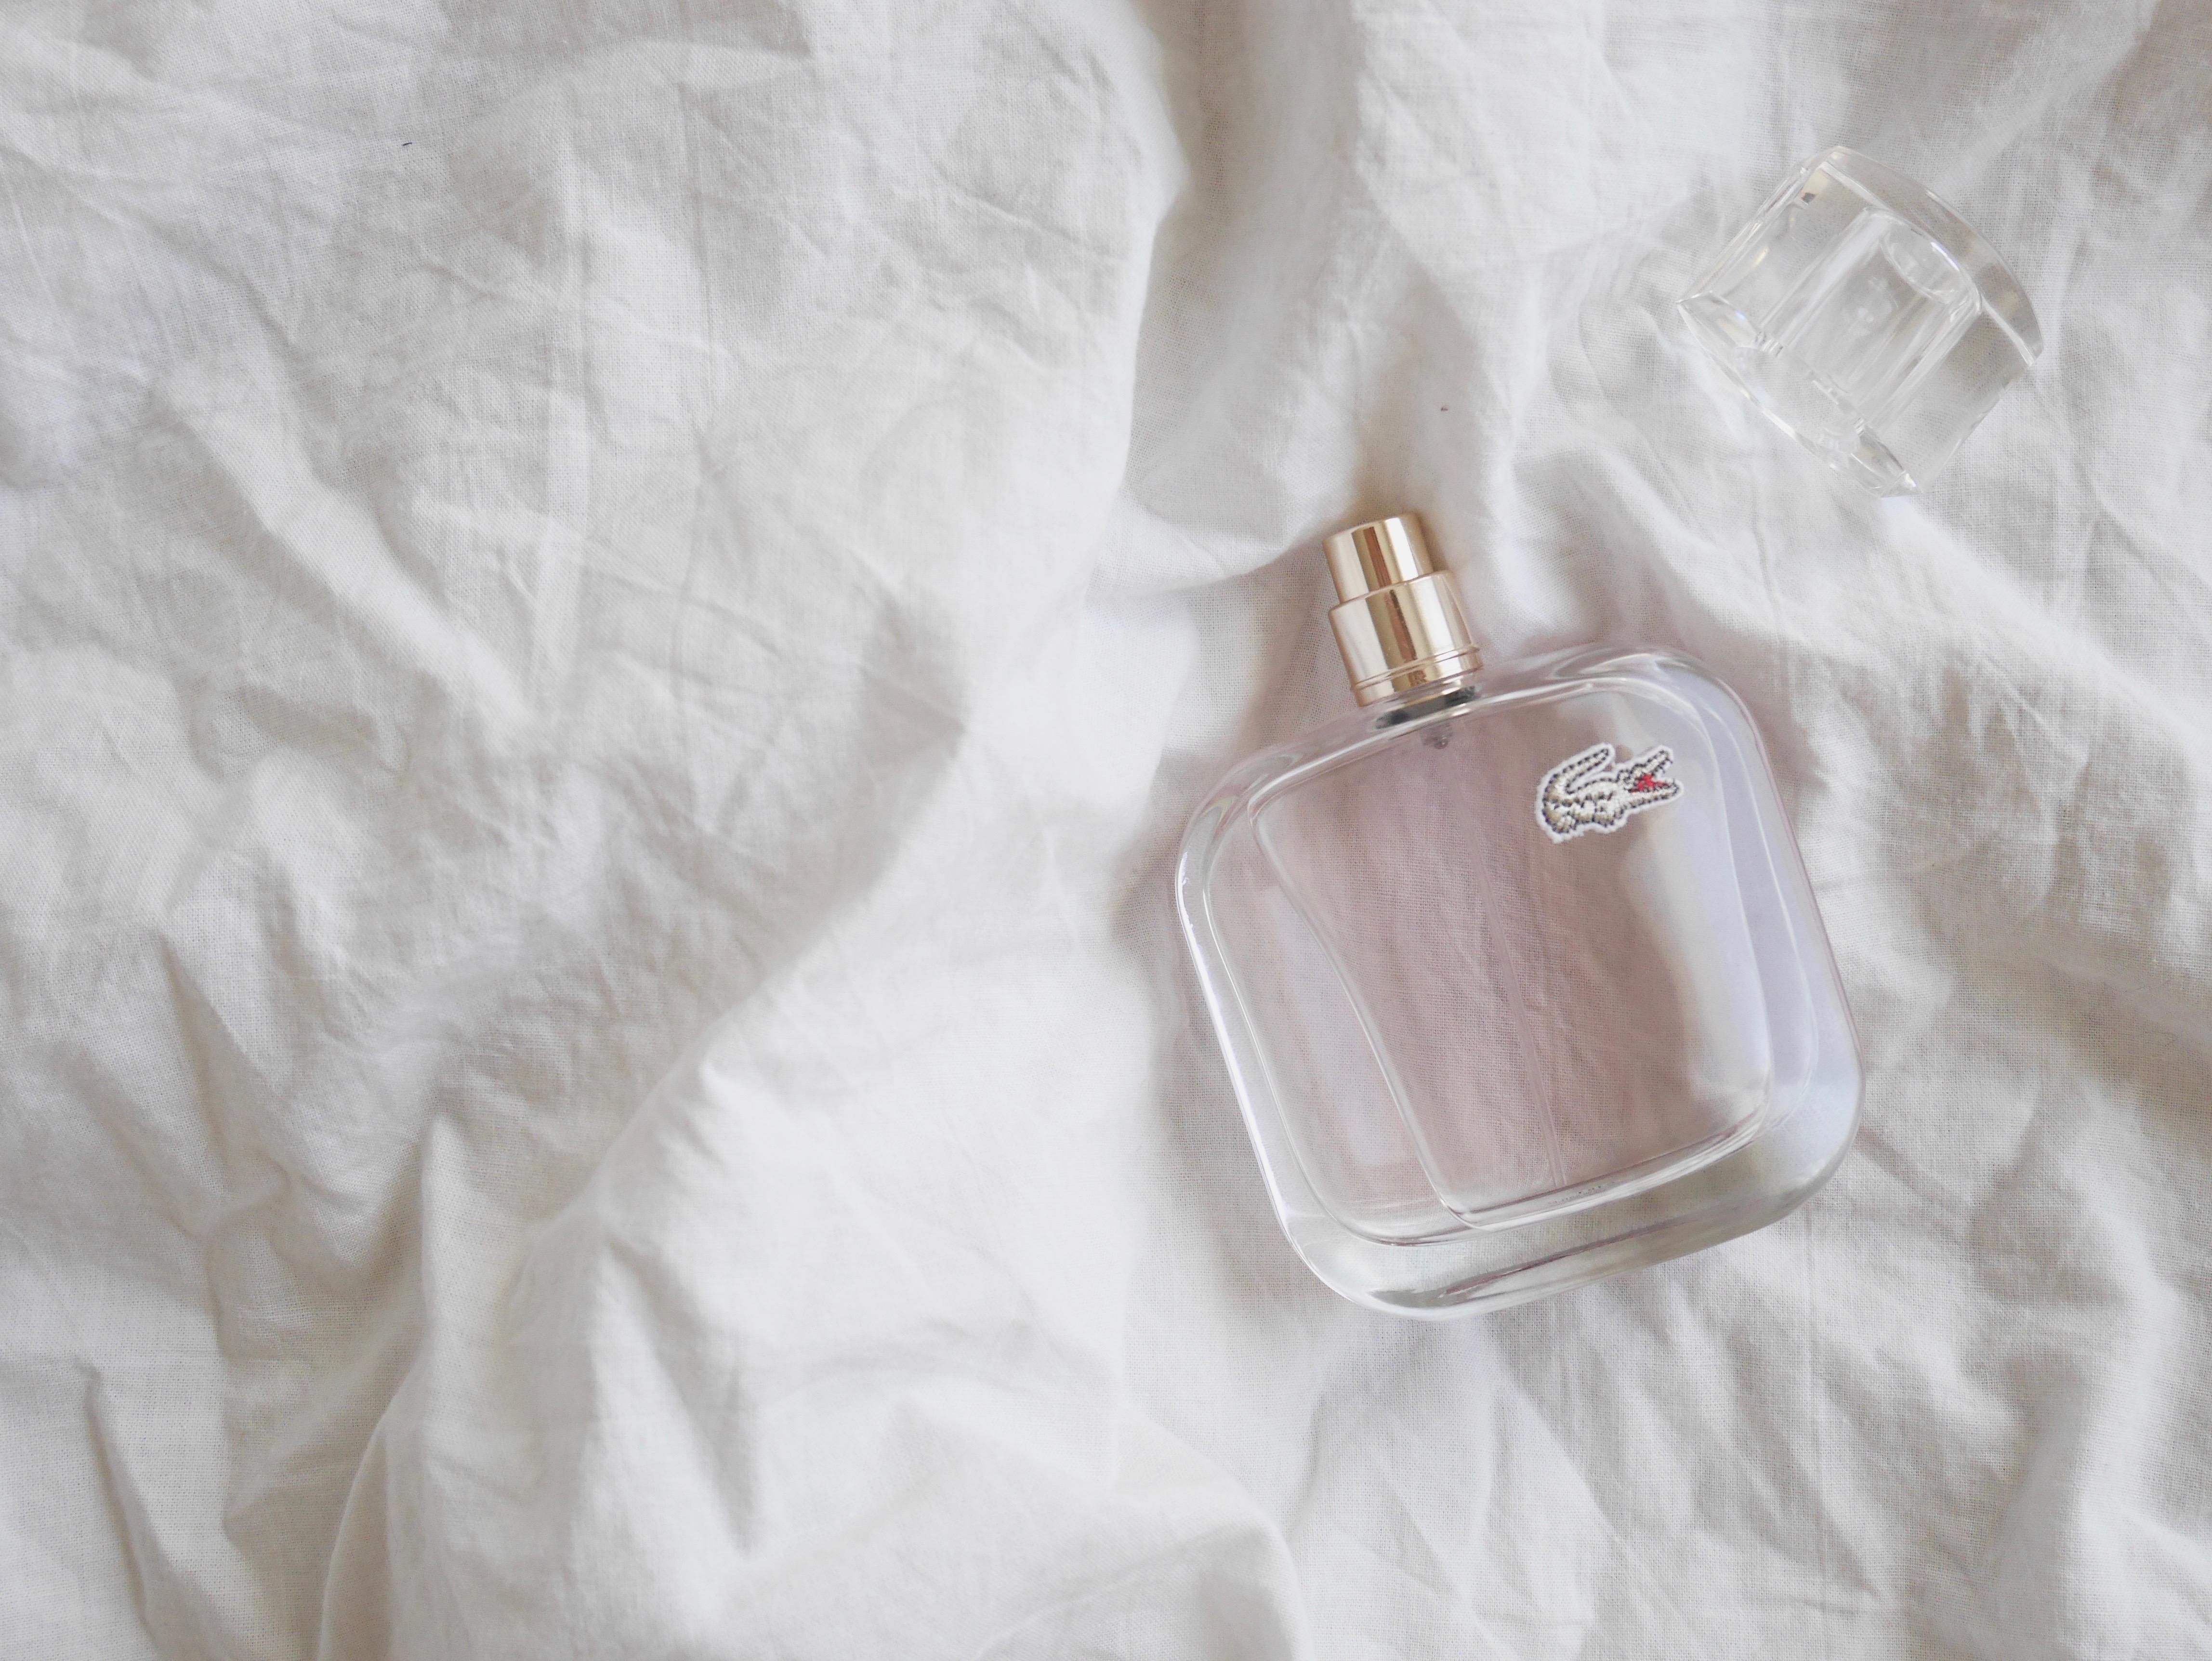 parfum lacoste L 12 12